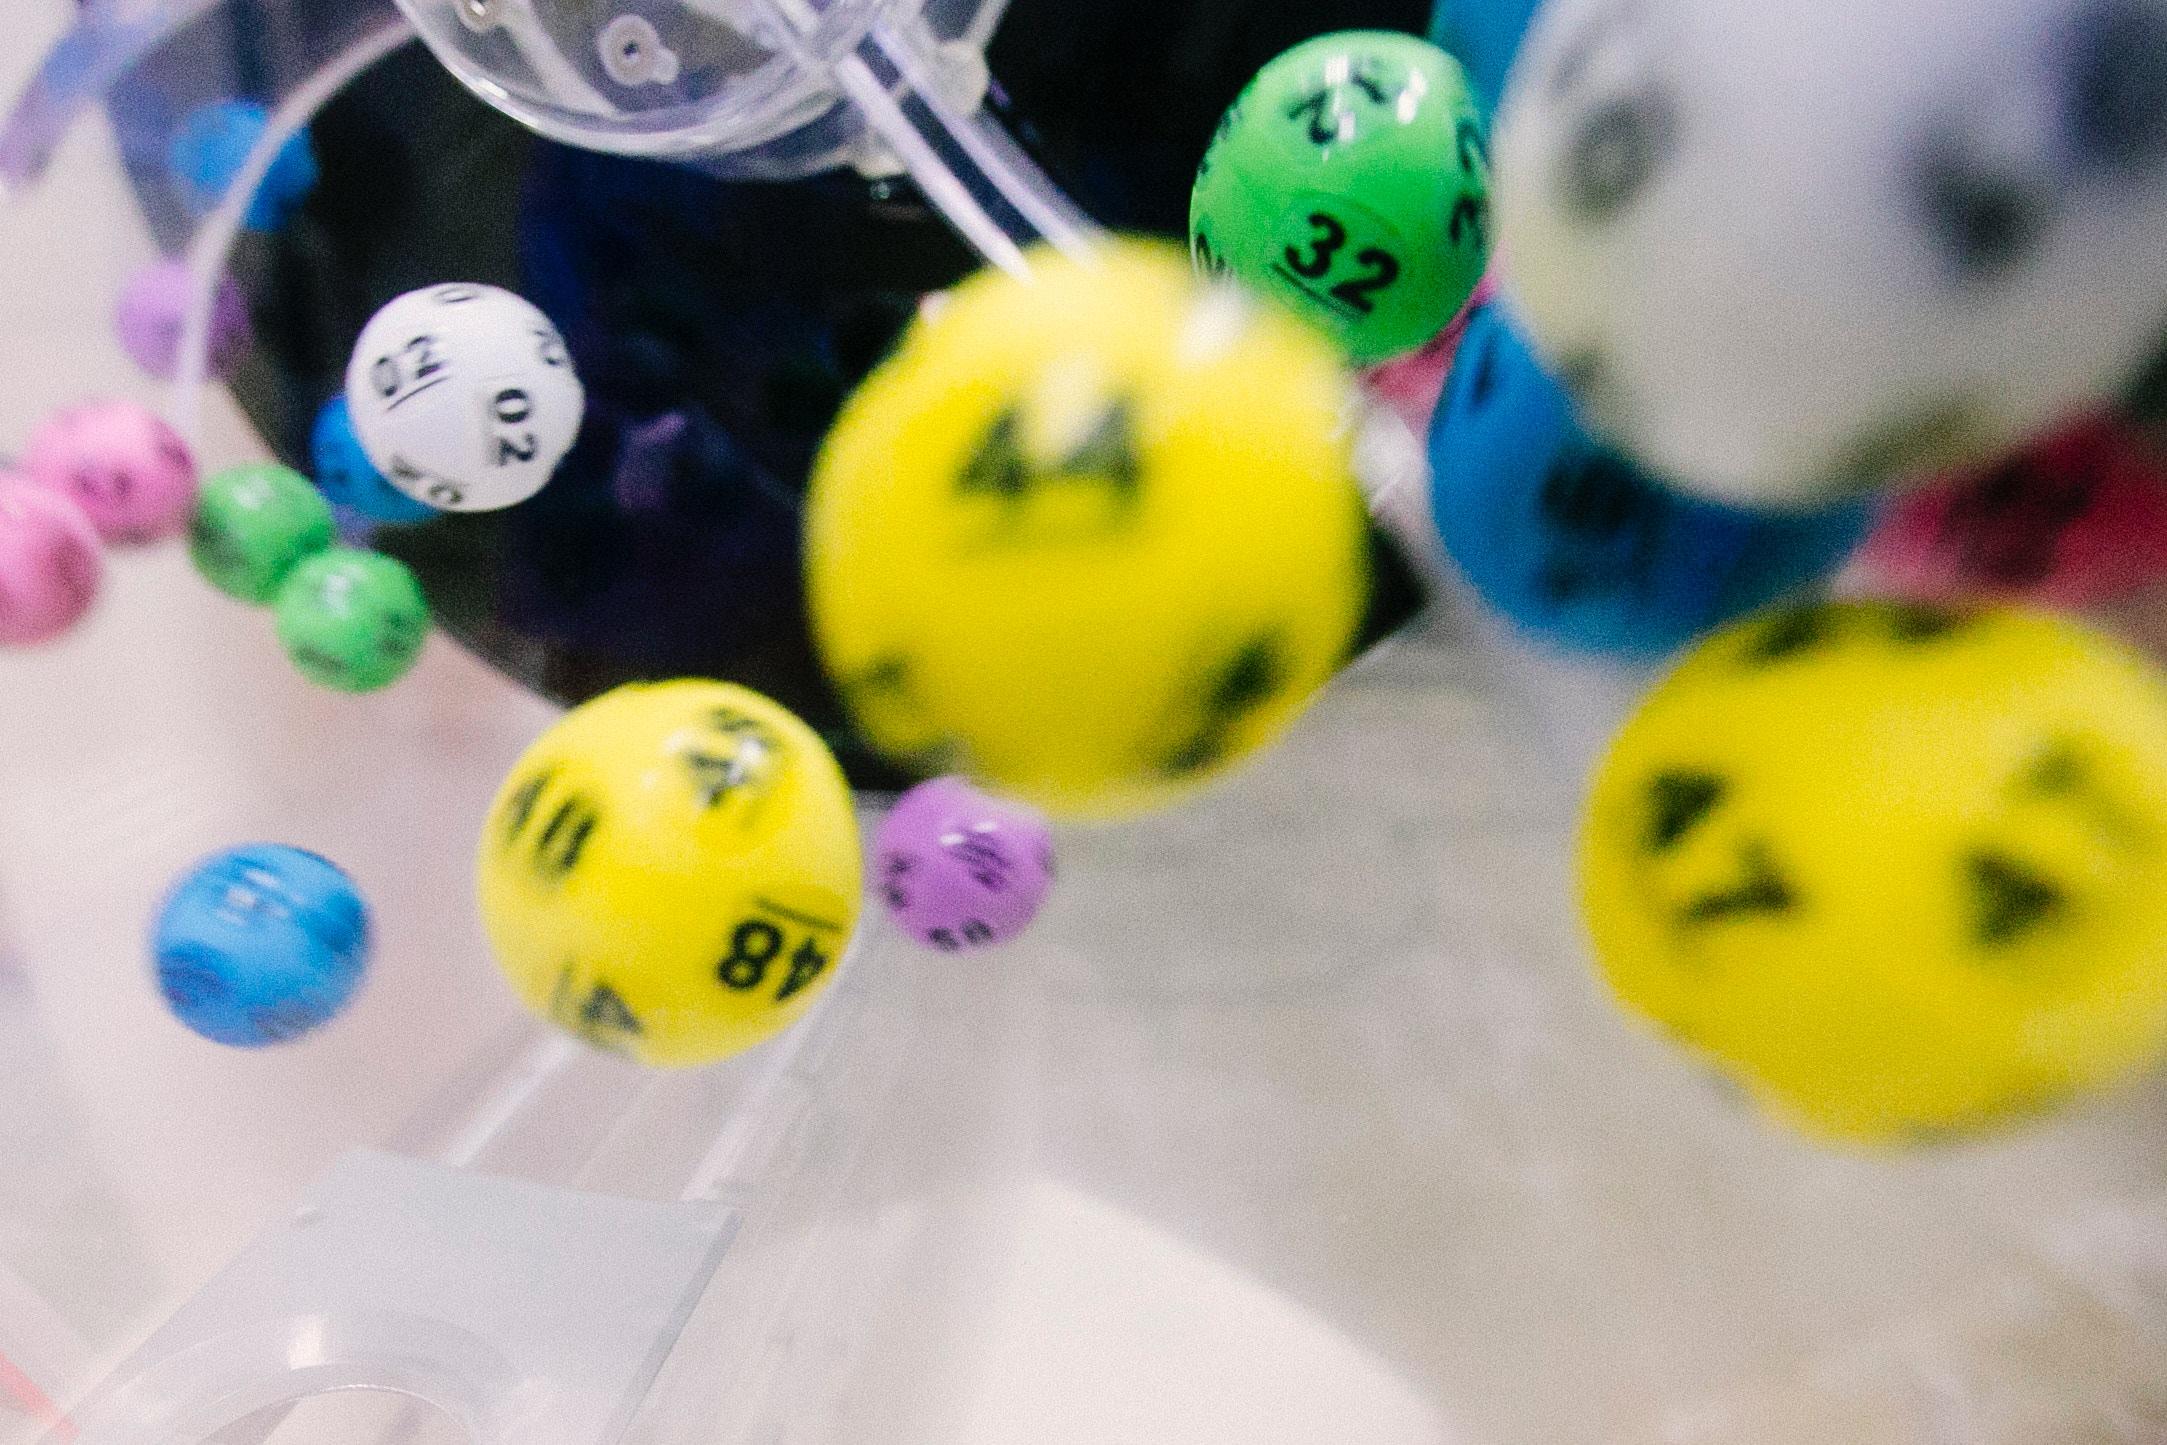 Kopplung von Gewinnspiel an Rezepteinlösung